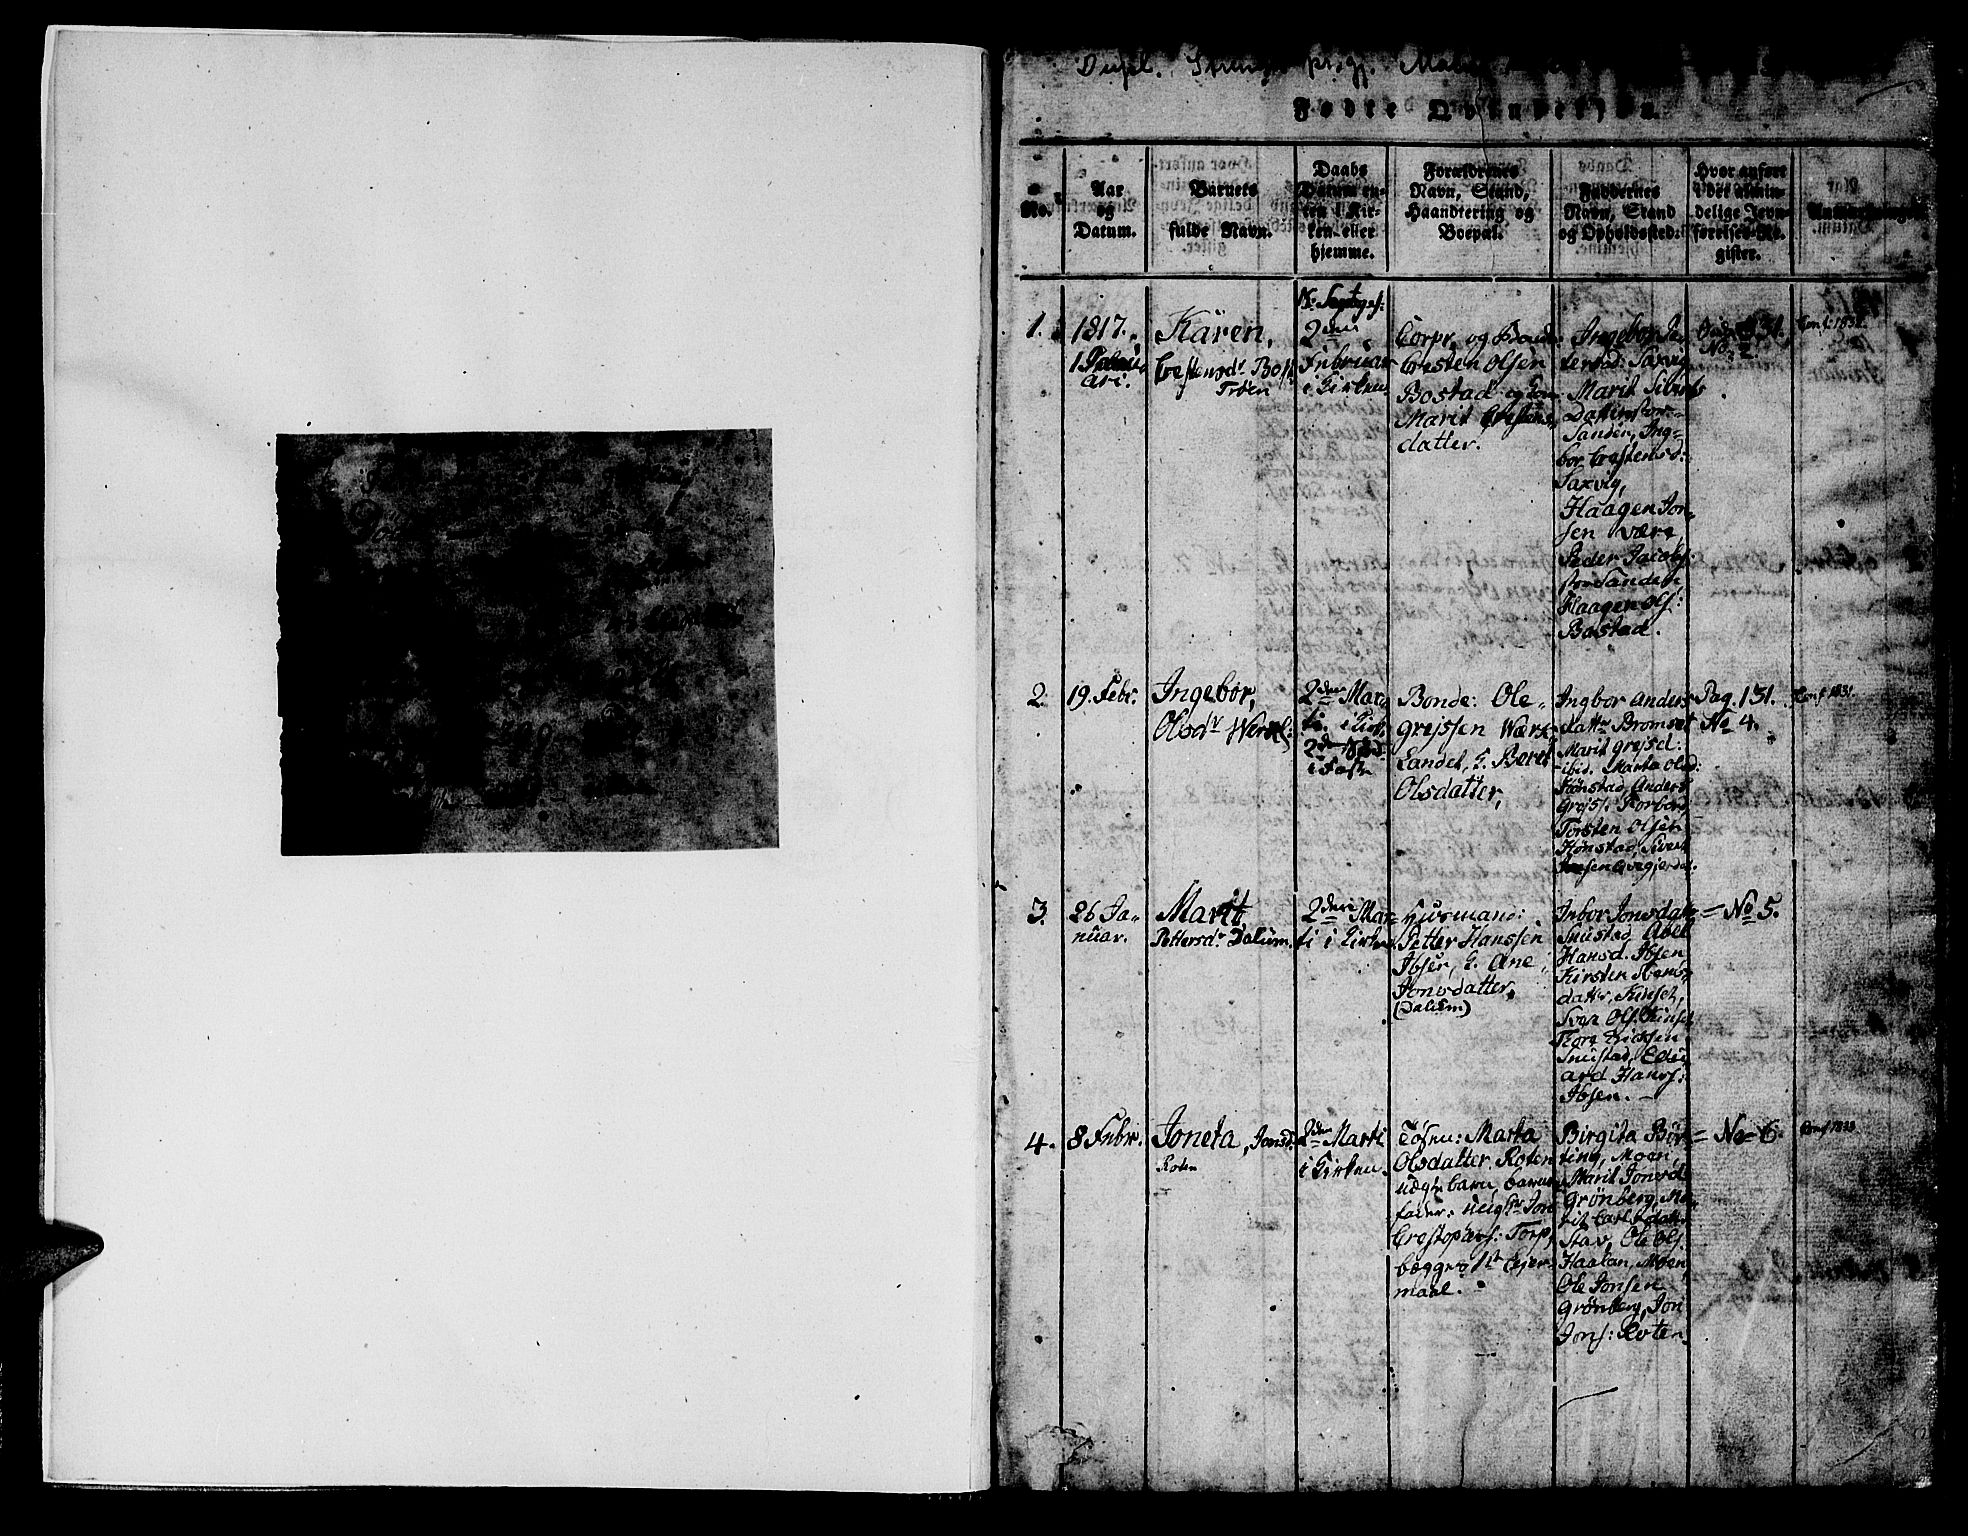 SAT, Ministerialprotokoller, klokkerbøker og fødselsregistre - Sør-Trøndelag, 616/L0420: Klokkerbok nr. 616C03, 1817-1835, s. 1